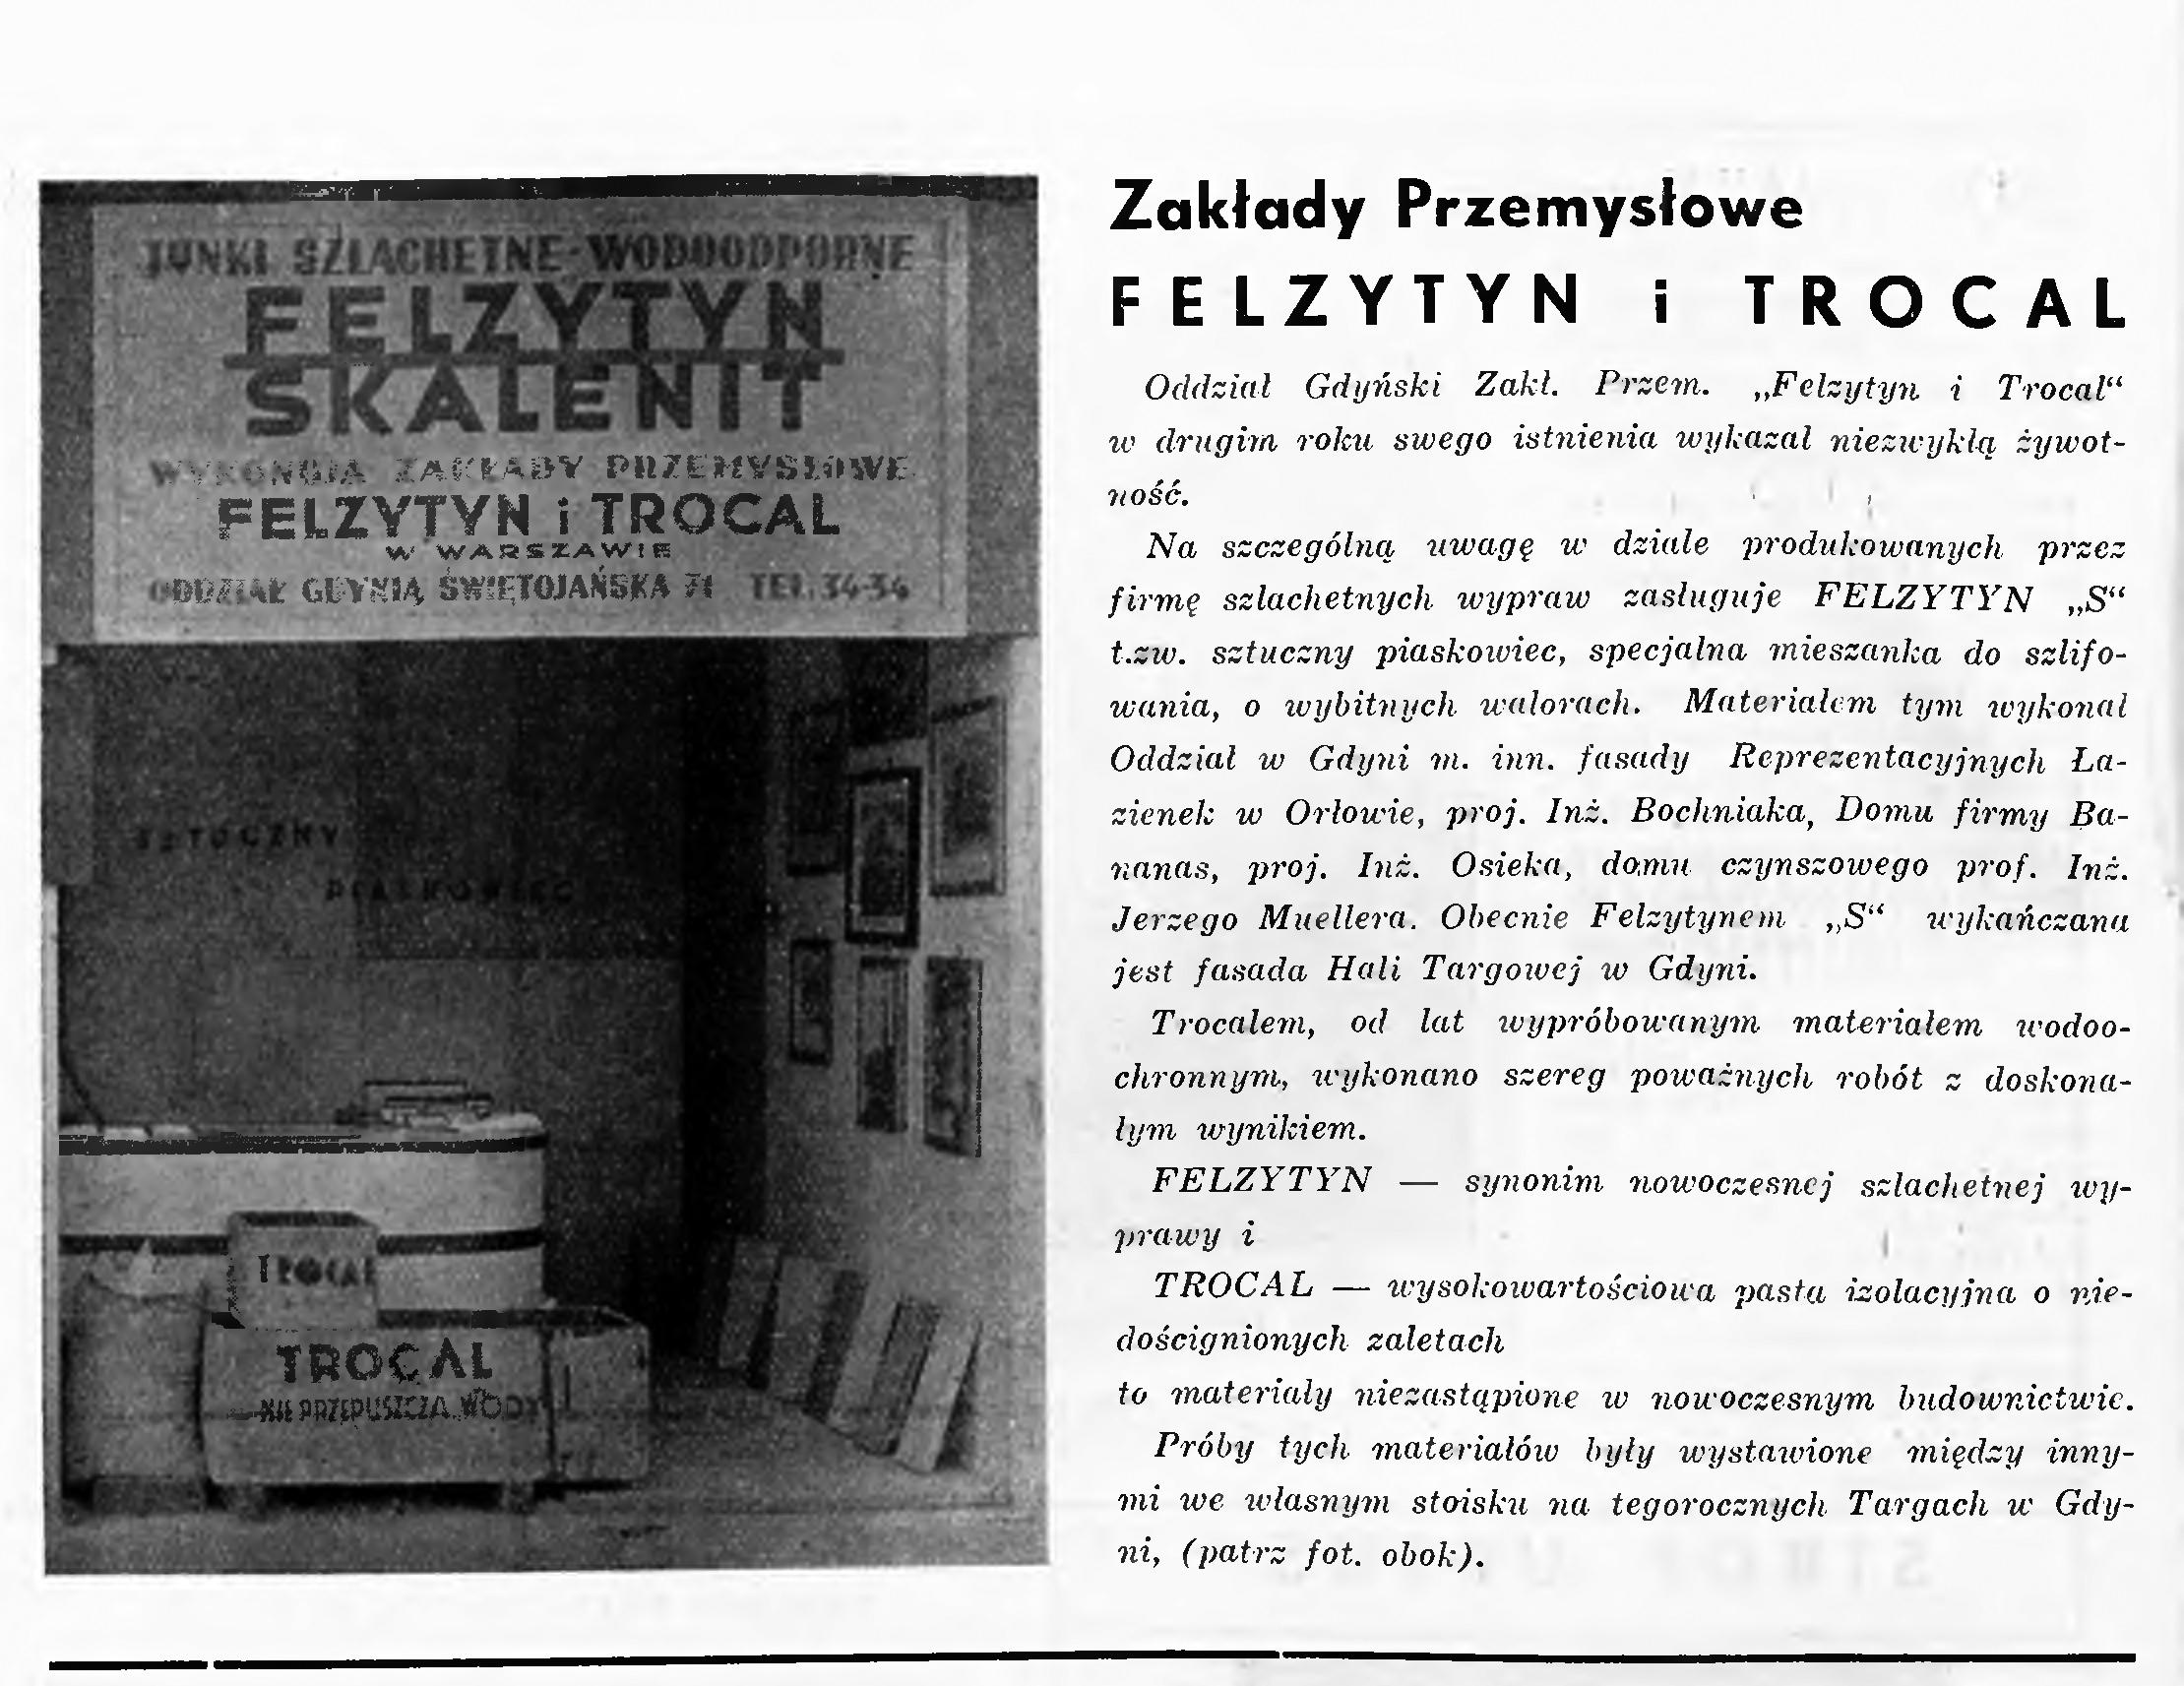 Oddział Gdyński Zakł. Przem.